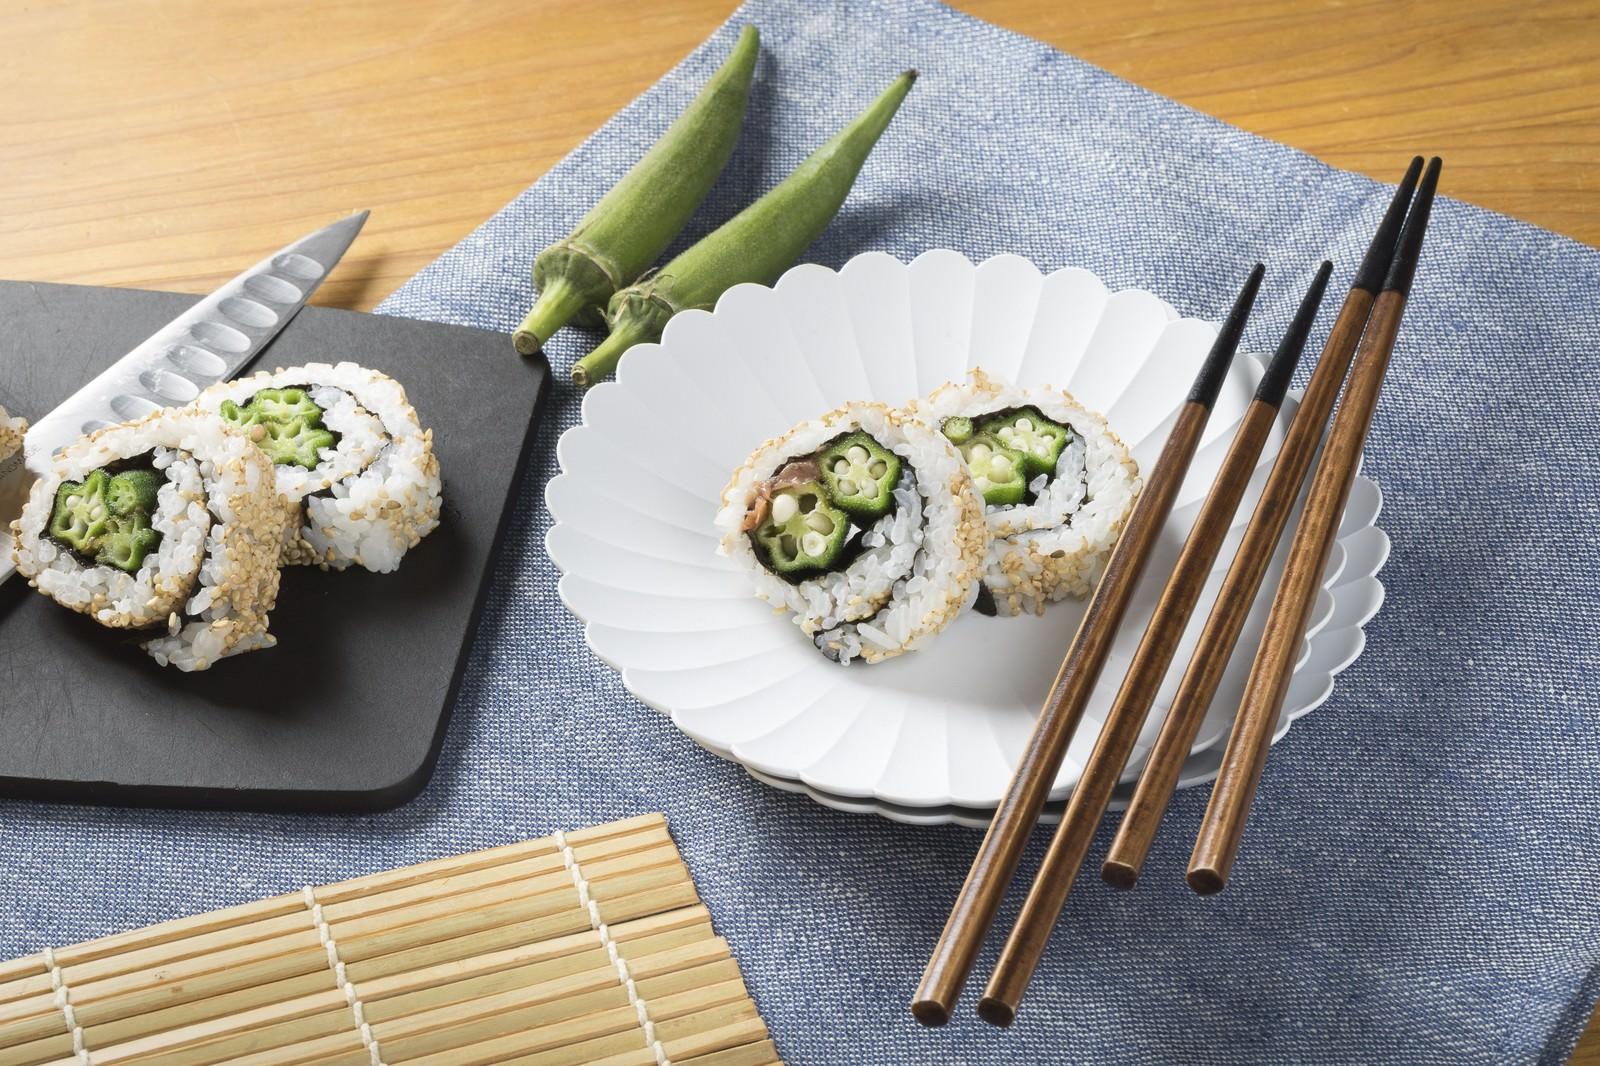 「一口サイズのオクラの裏巻き寿司」の写真